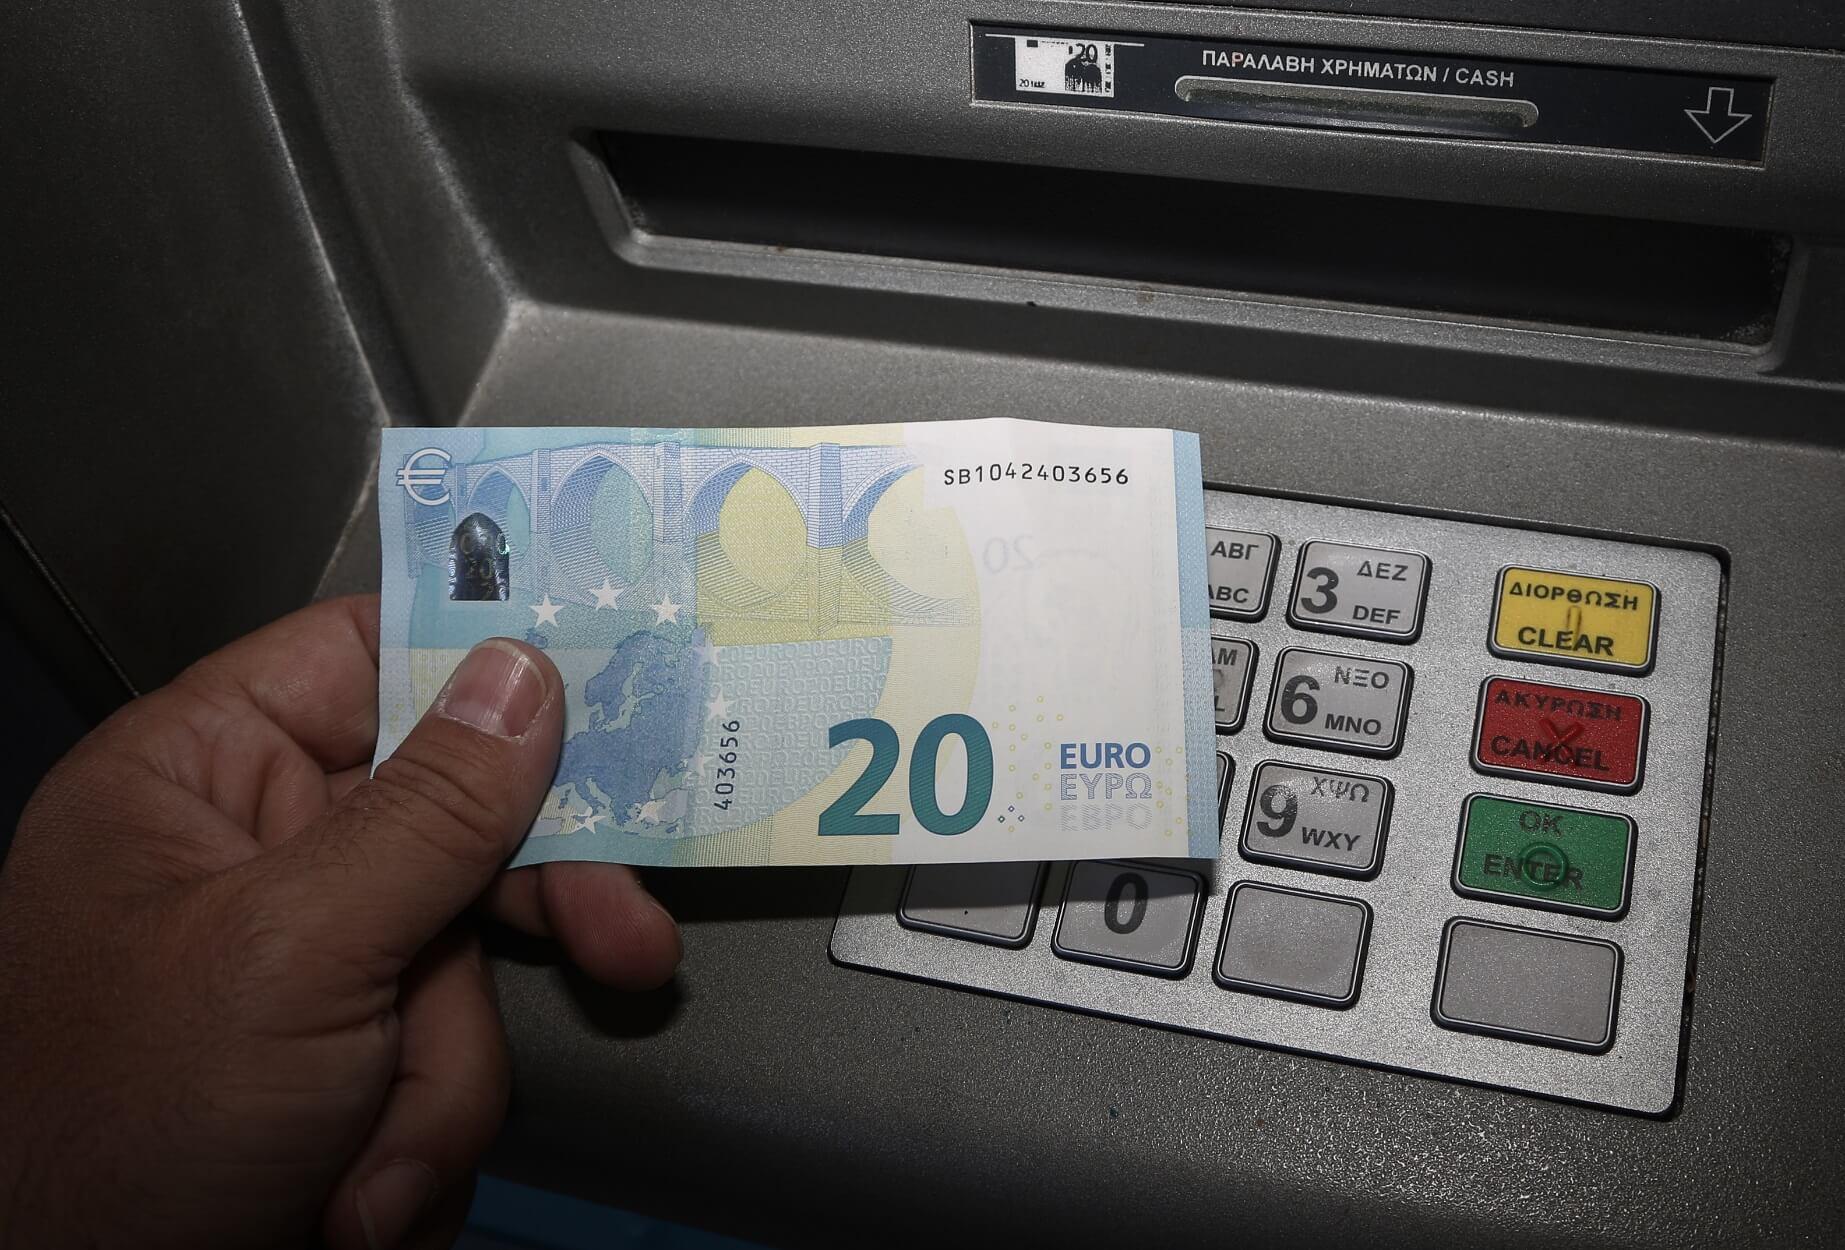 Επίδομα ανεργίας: Πότε μπαίνουν τα χρήματα σε όσους έχουν πάρει δίμηνη παράταση